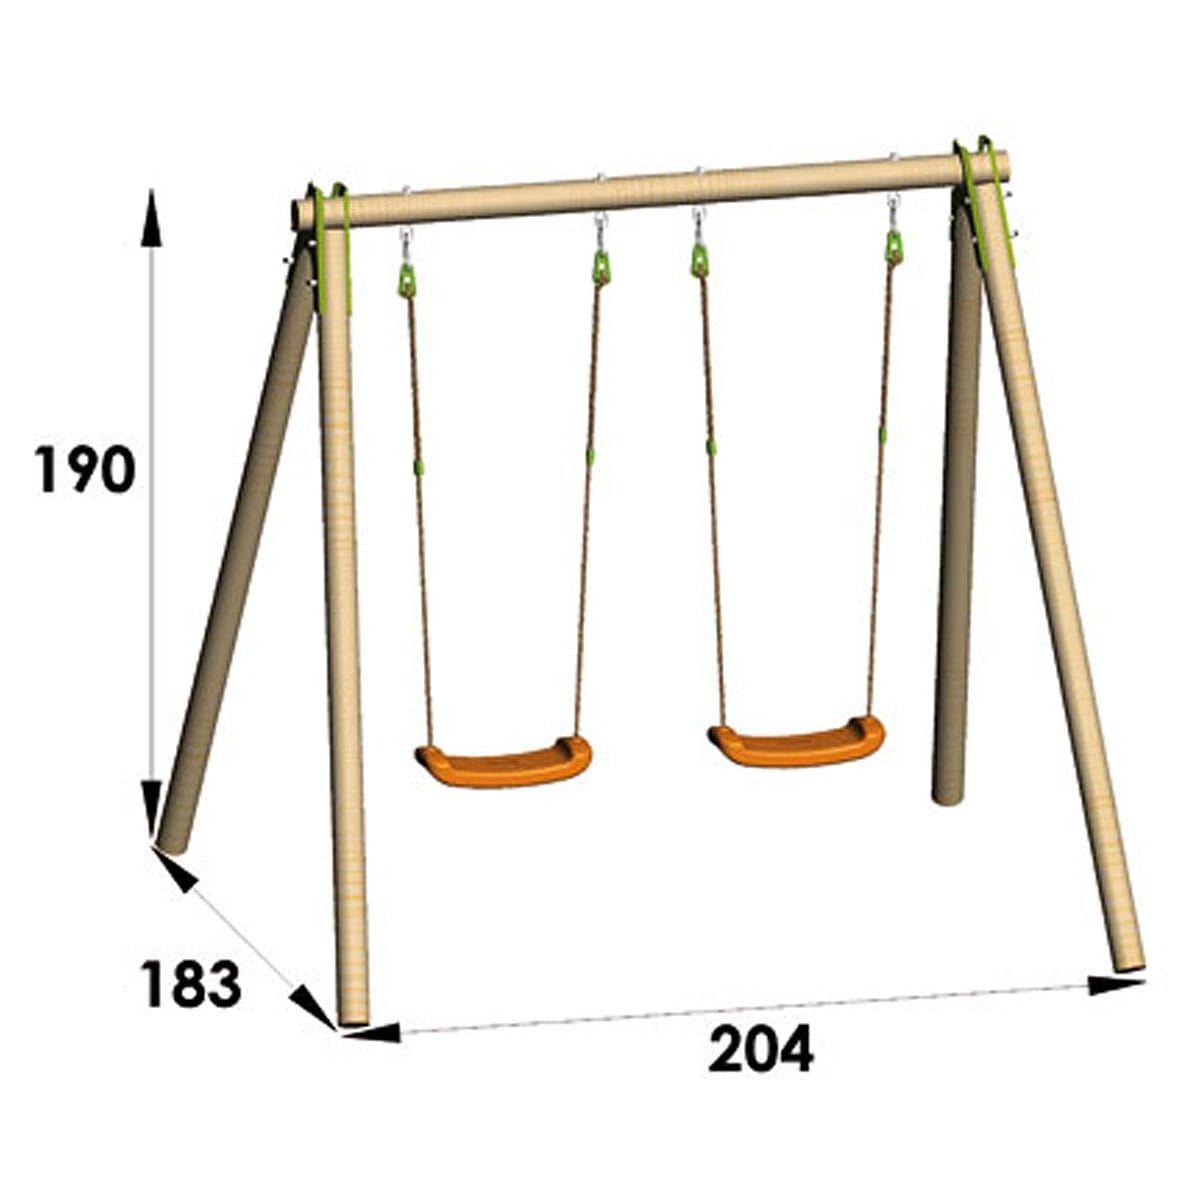 Portique Bois Juist | Swing | Balancoire Bois, Portique Bois ... destiné Balancoire Metal